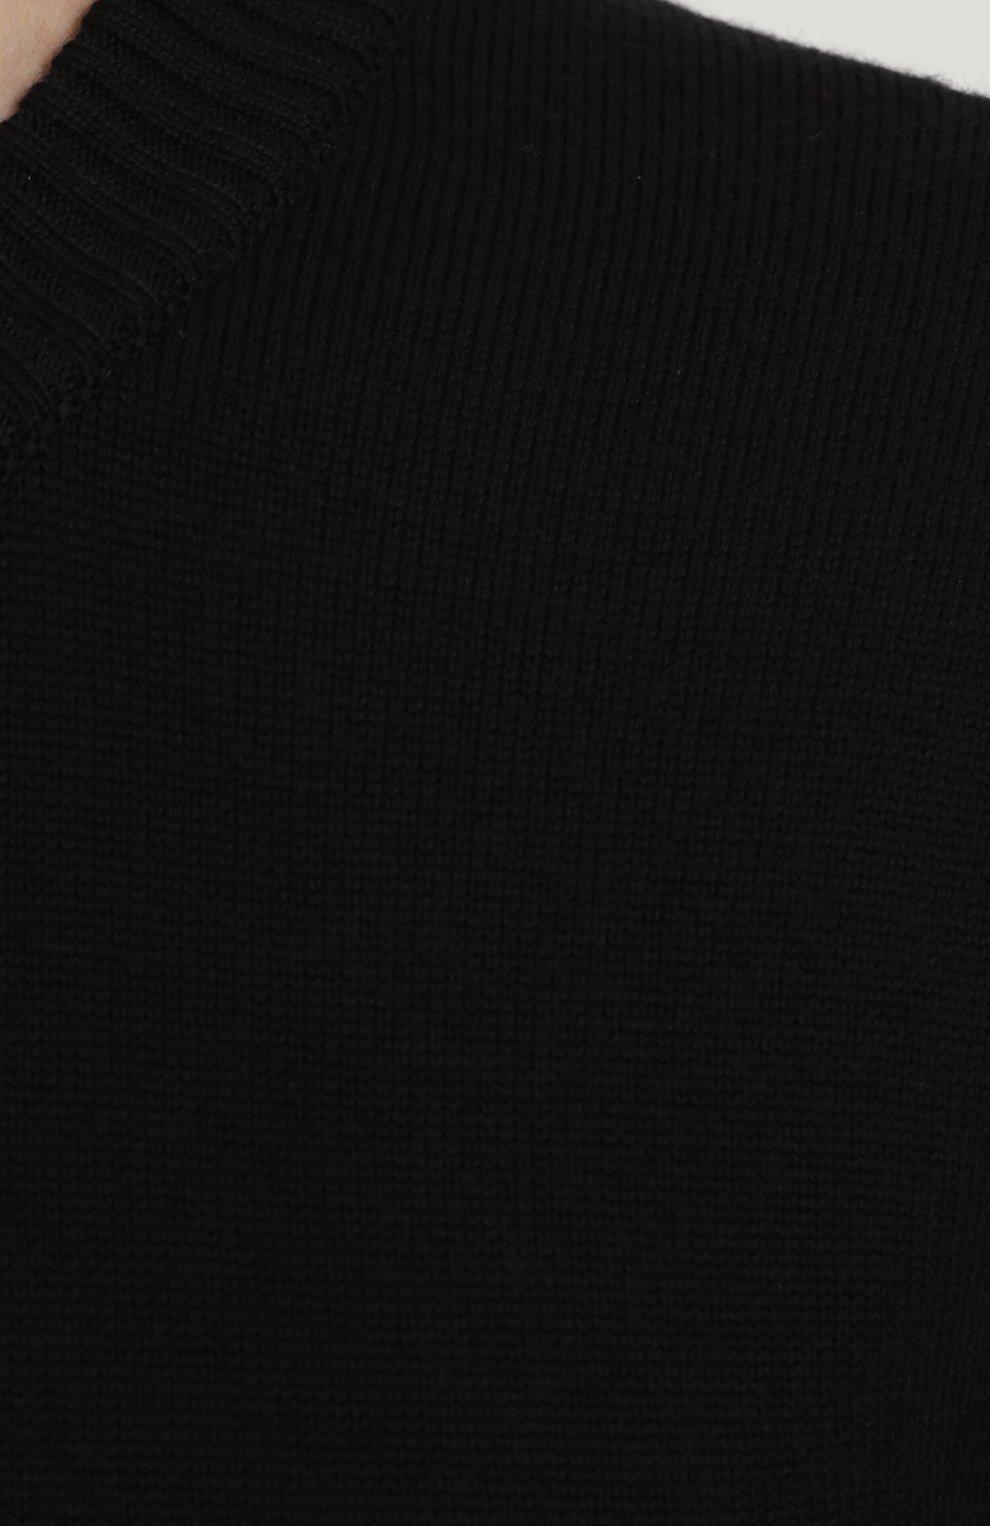 Шерстяной однотонный джемпер Dolce & Gabbana черный   Фото №5